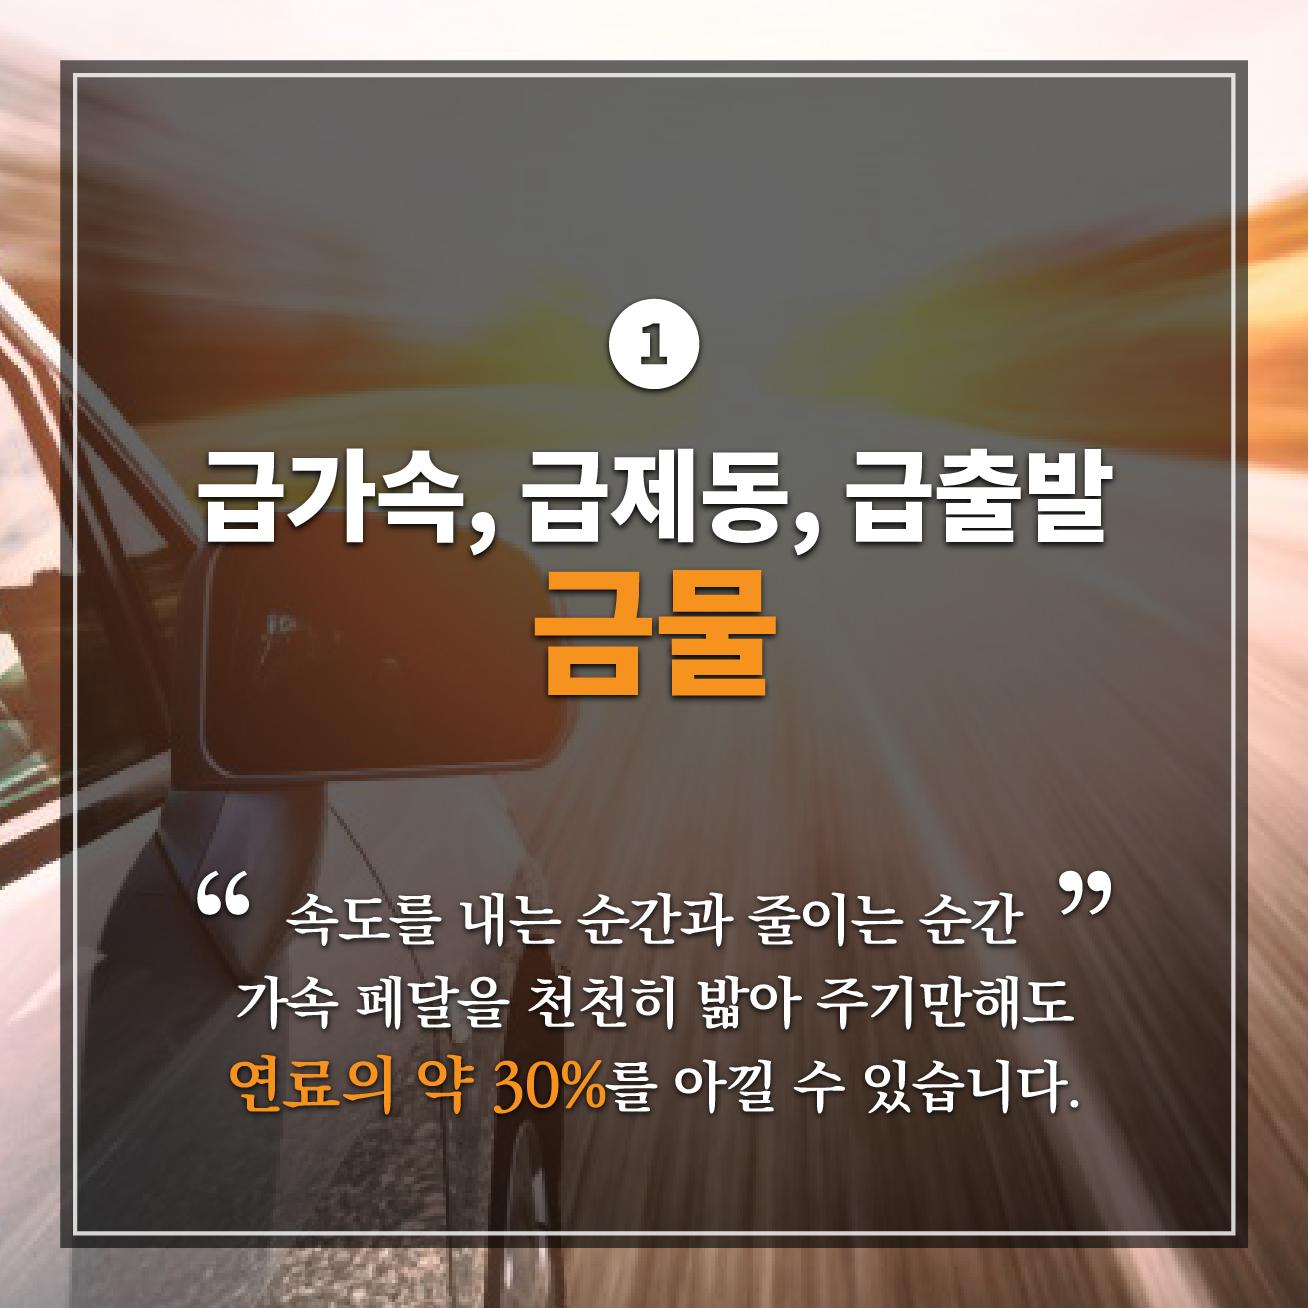 자동차 연비를 높이는 운전습관 (4)